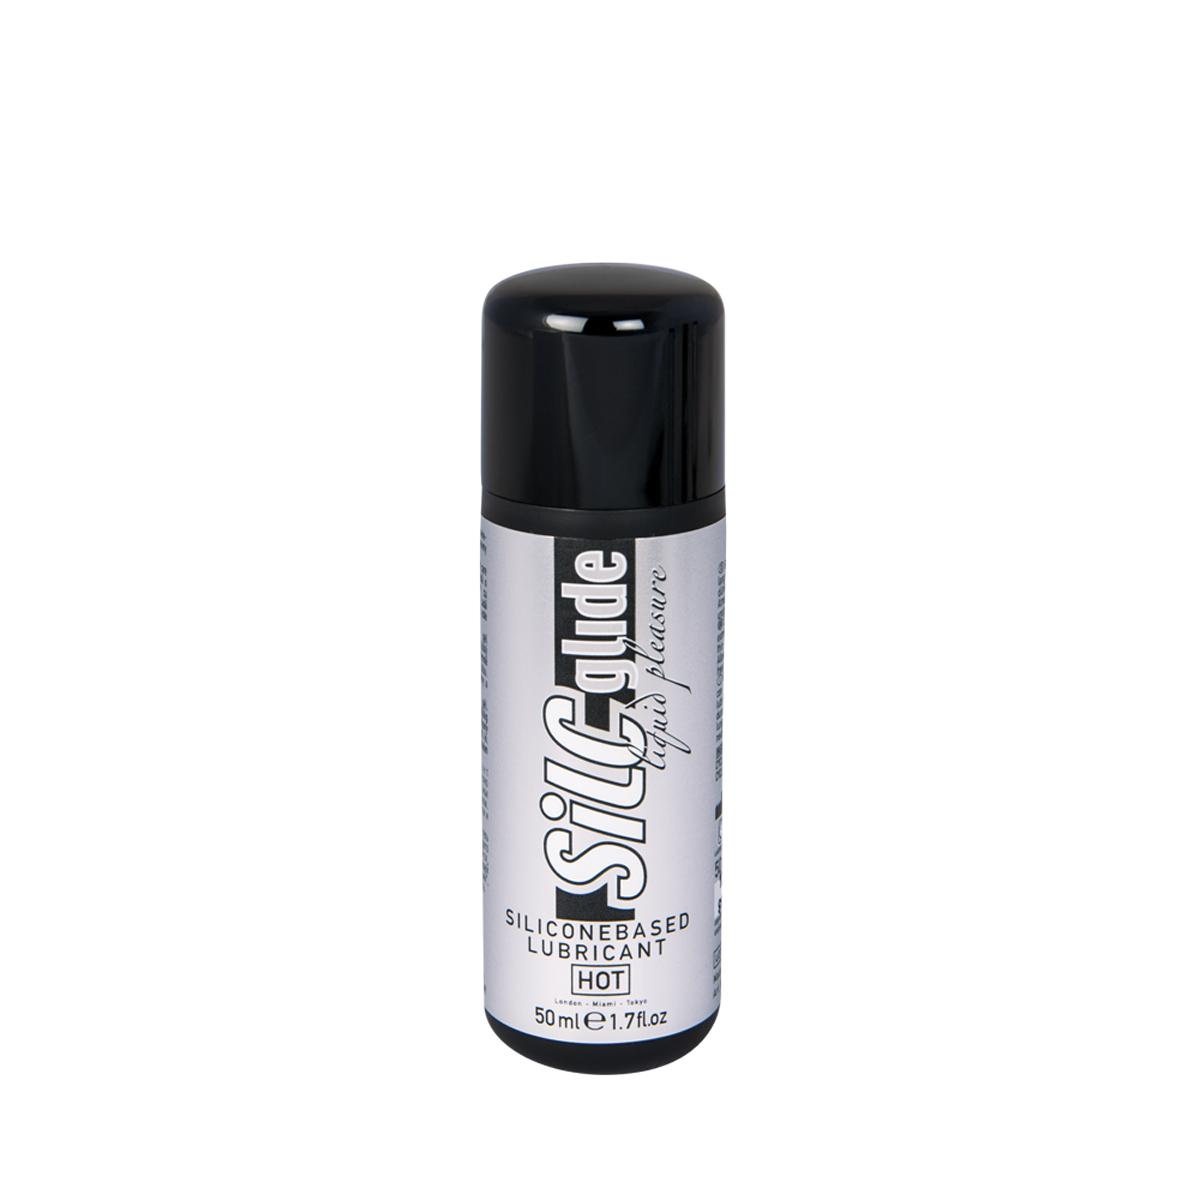 Hot Лубрикант на силиконовой основе Силк Глайд 50 мл44040Обладает хорошими смазывающими и увлажняющими свойствами, улучшает скольжение, устраняя неприятные ощущения во время полового акта.